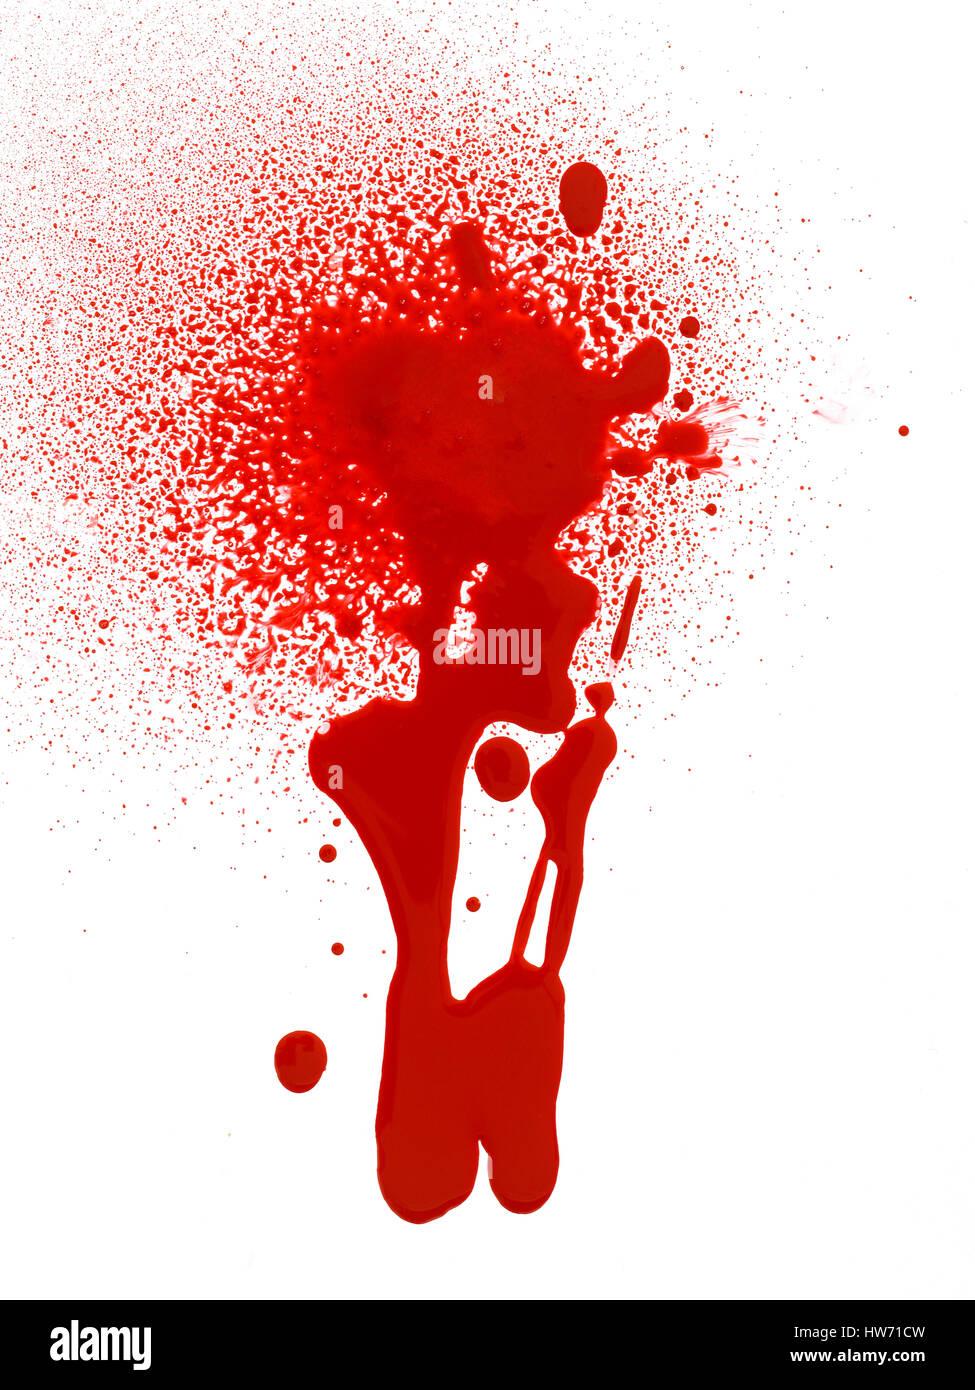 Le gocce di sangue e splatter. Foto Stock